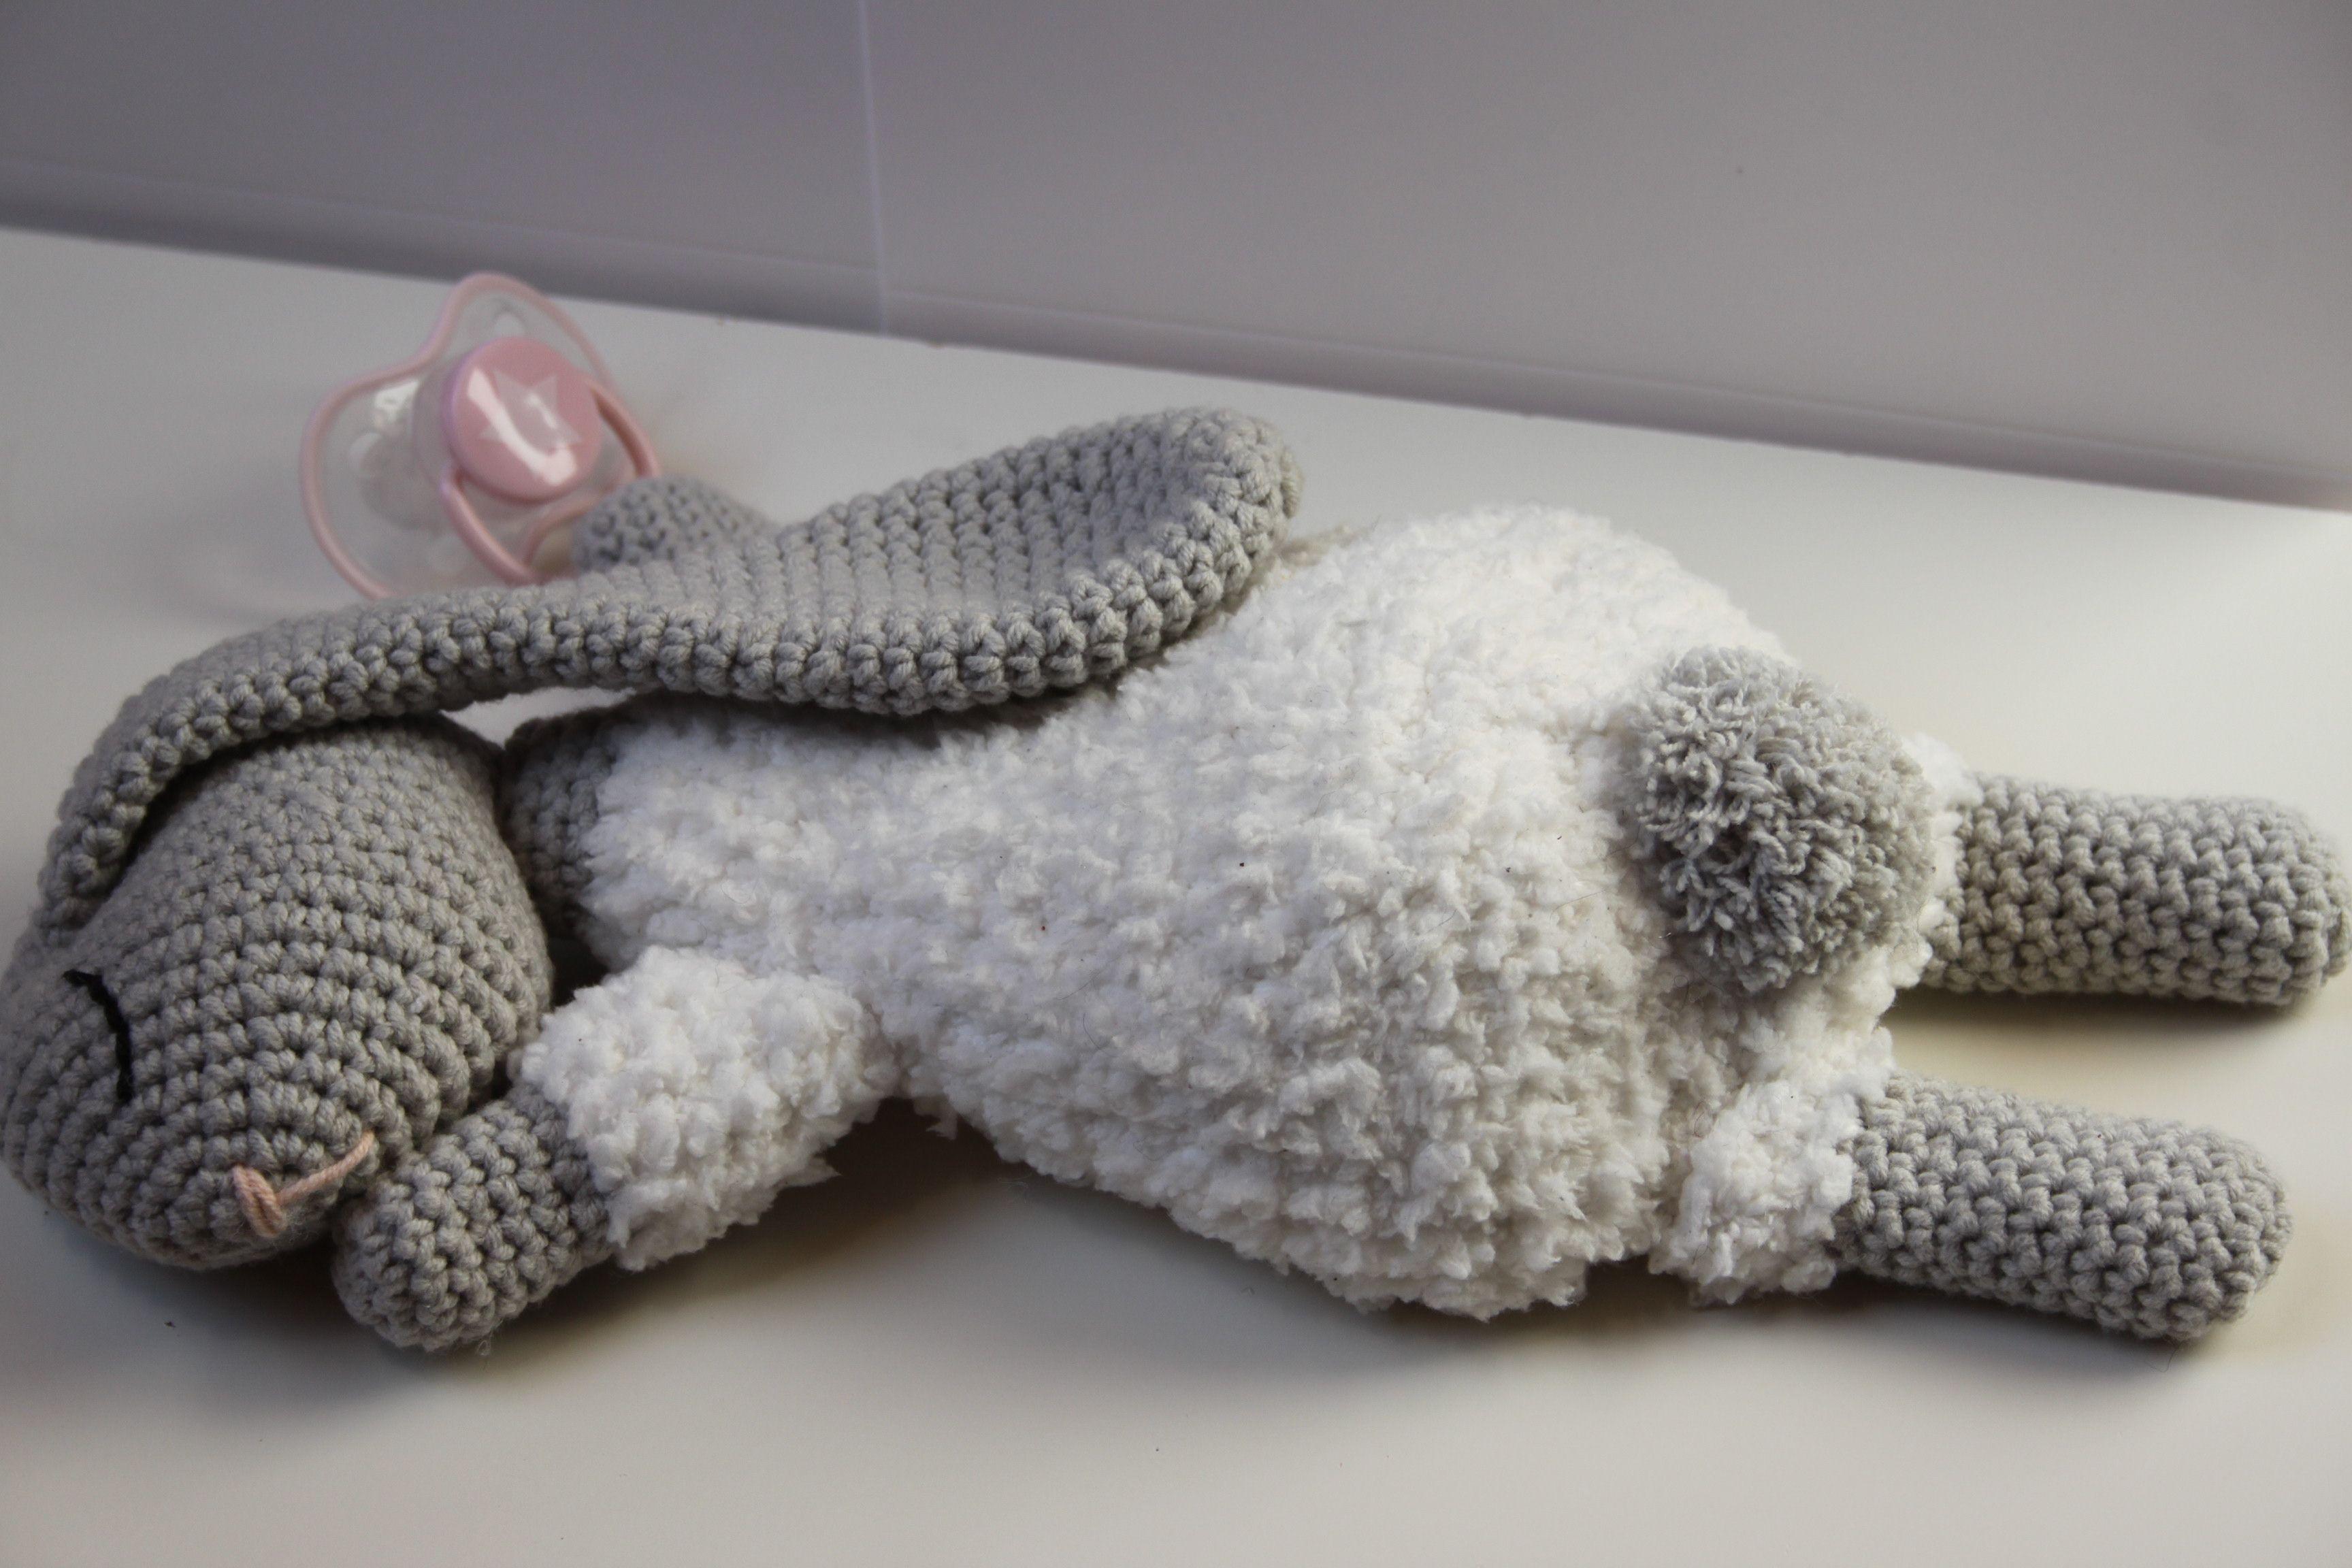 Vaak Hazeslaapje - Baby knuffel - Kraamcadeau - Haken - Haakpatroon #GM32